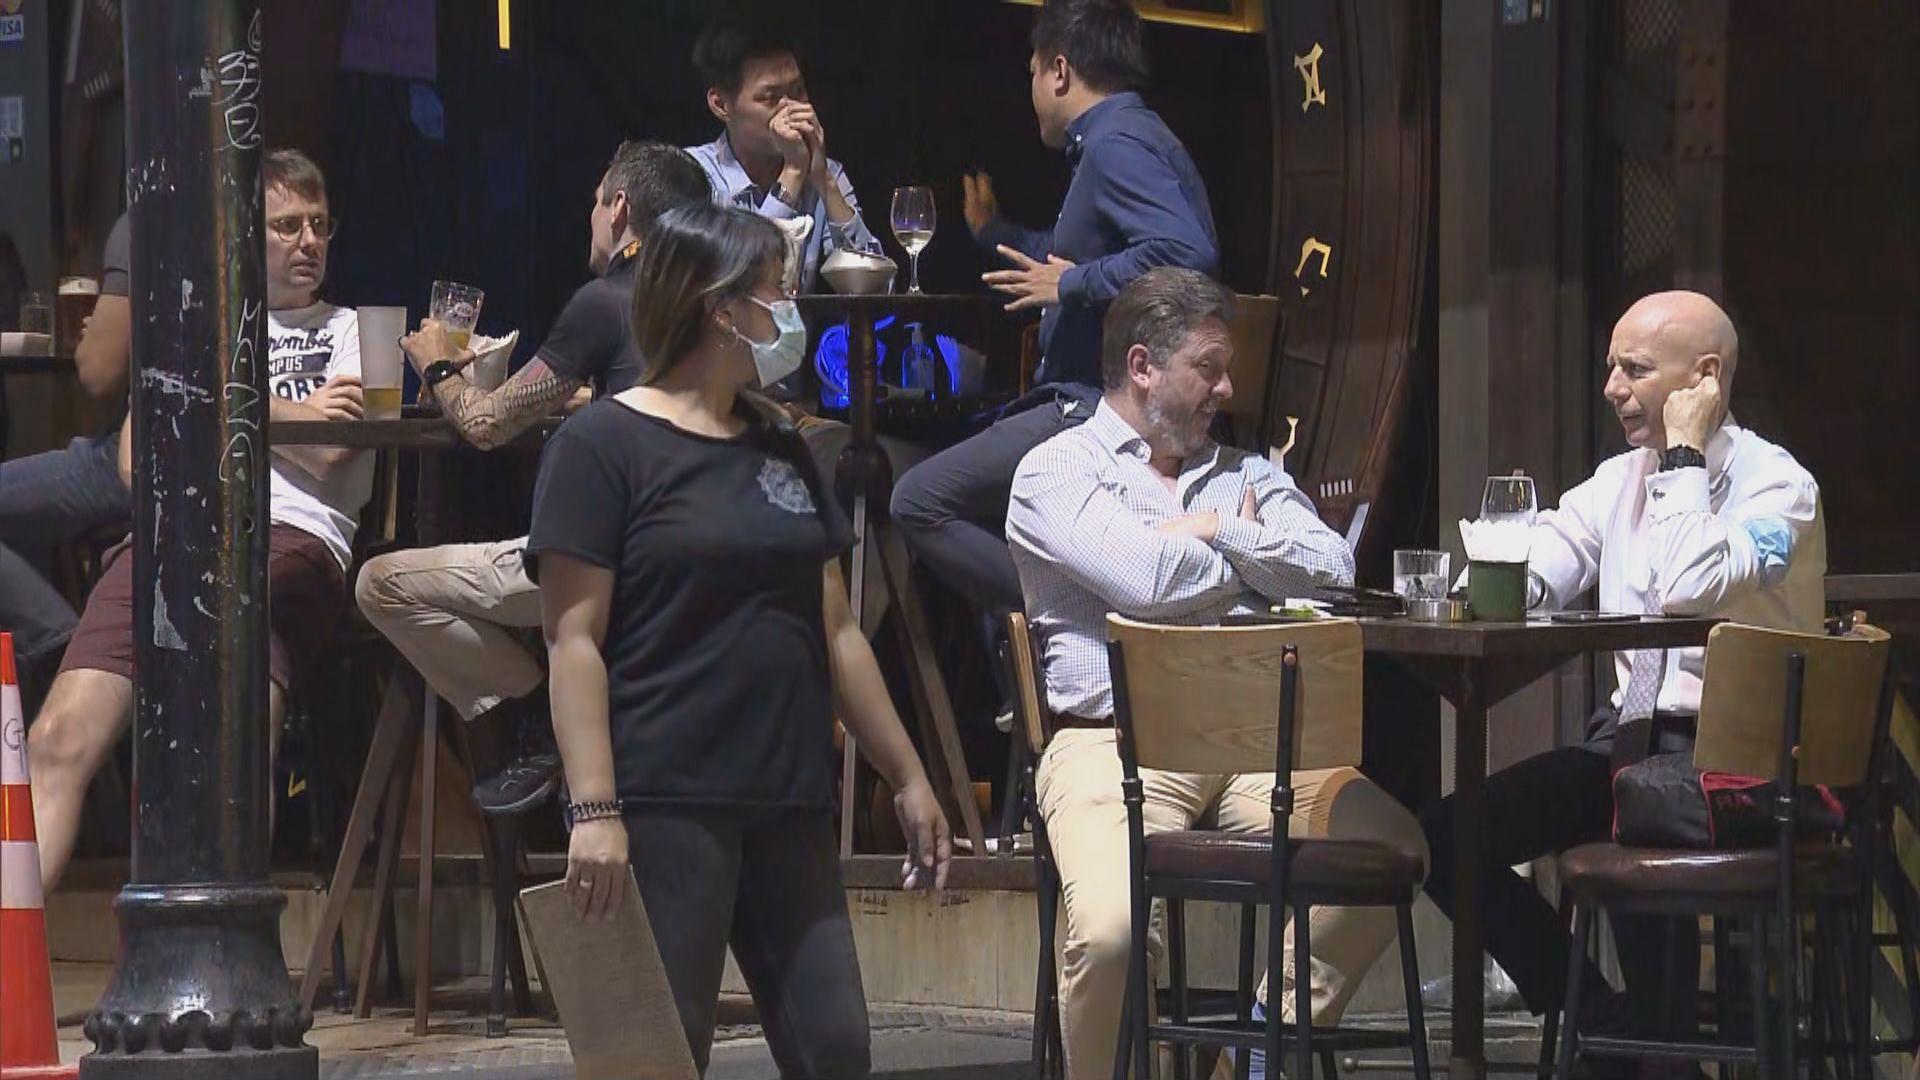 酒吧業斥遭下令停業不合理不公道